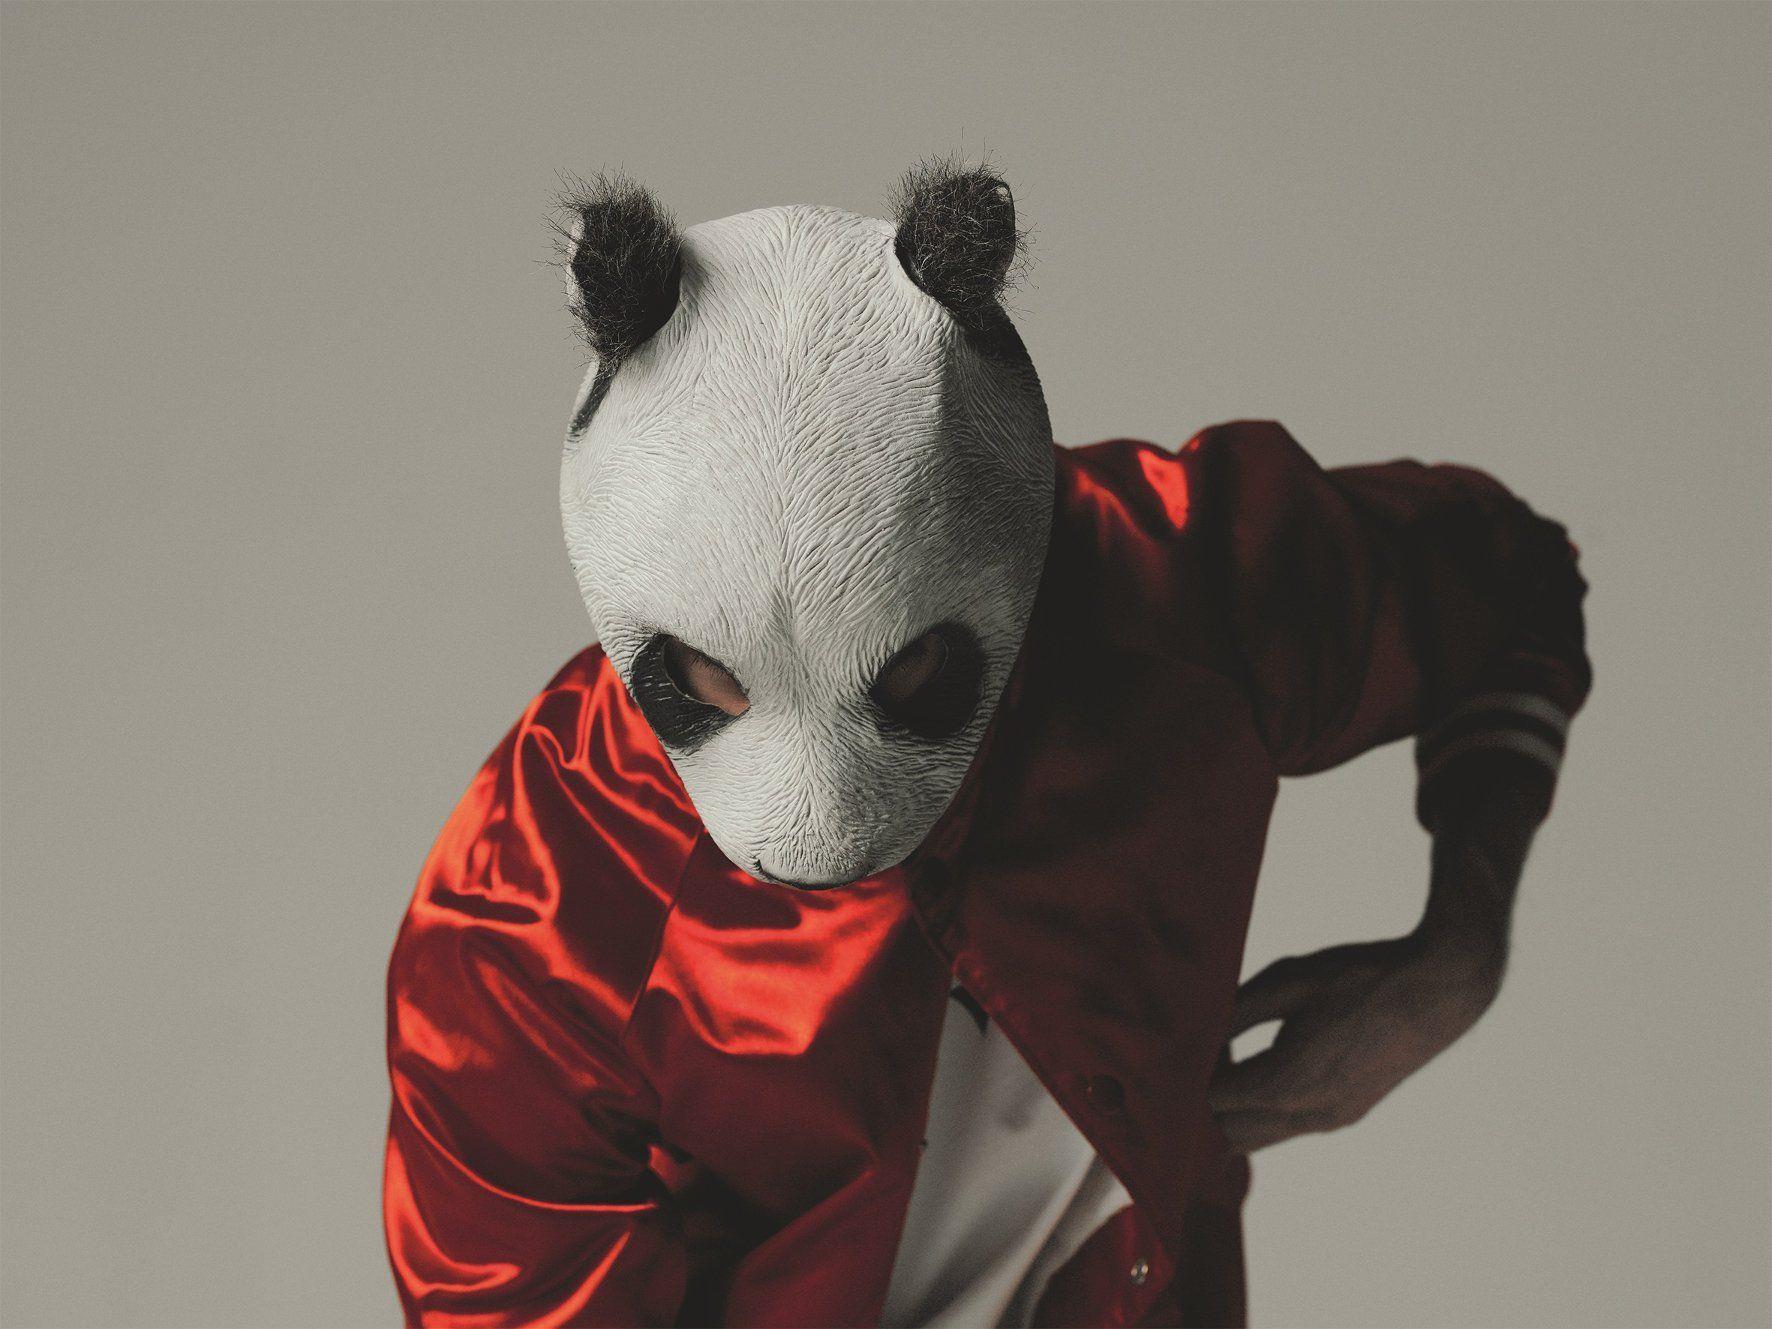 Cro - der Rapper mit der Pandamaske - kommt ins Event.Center.Hohenems.